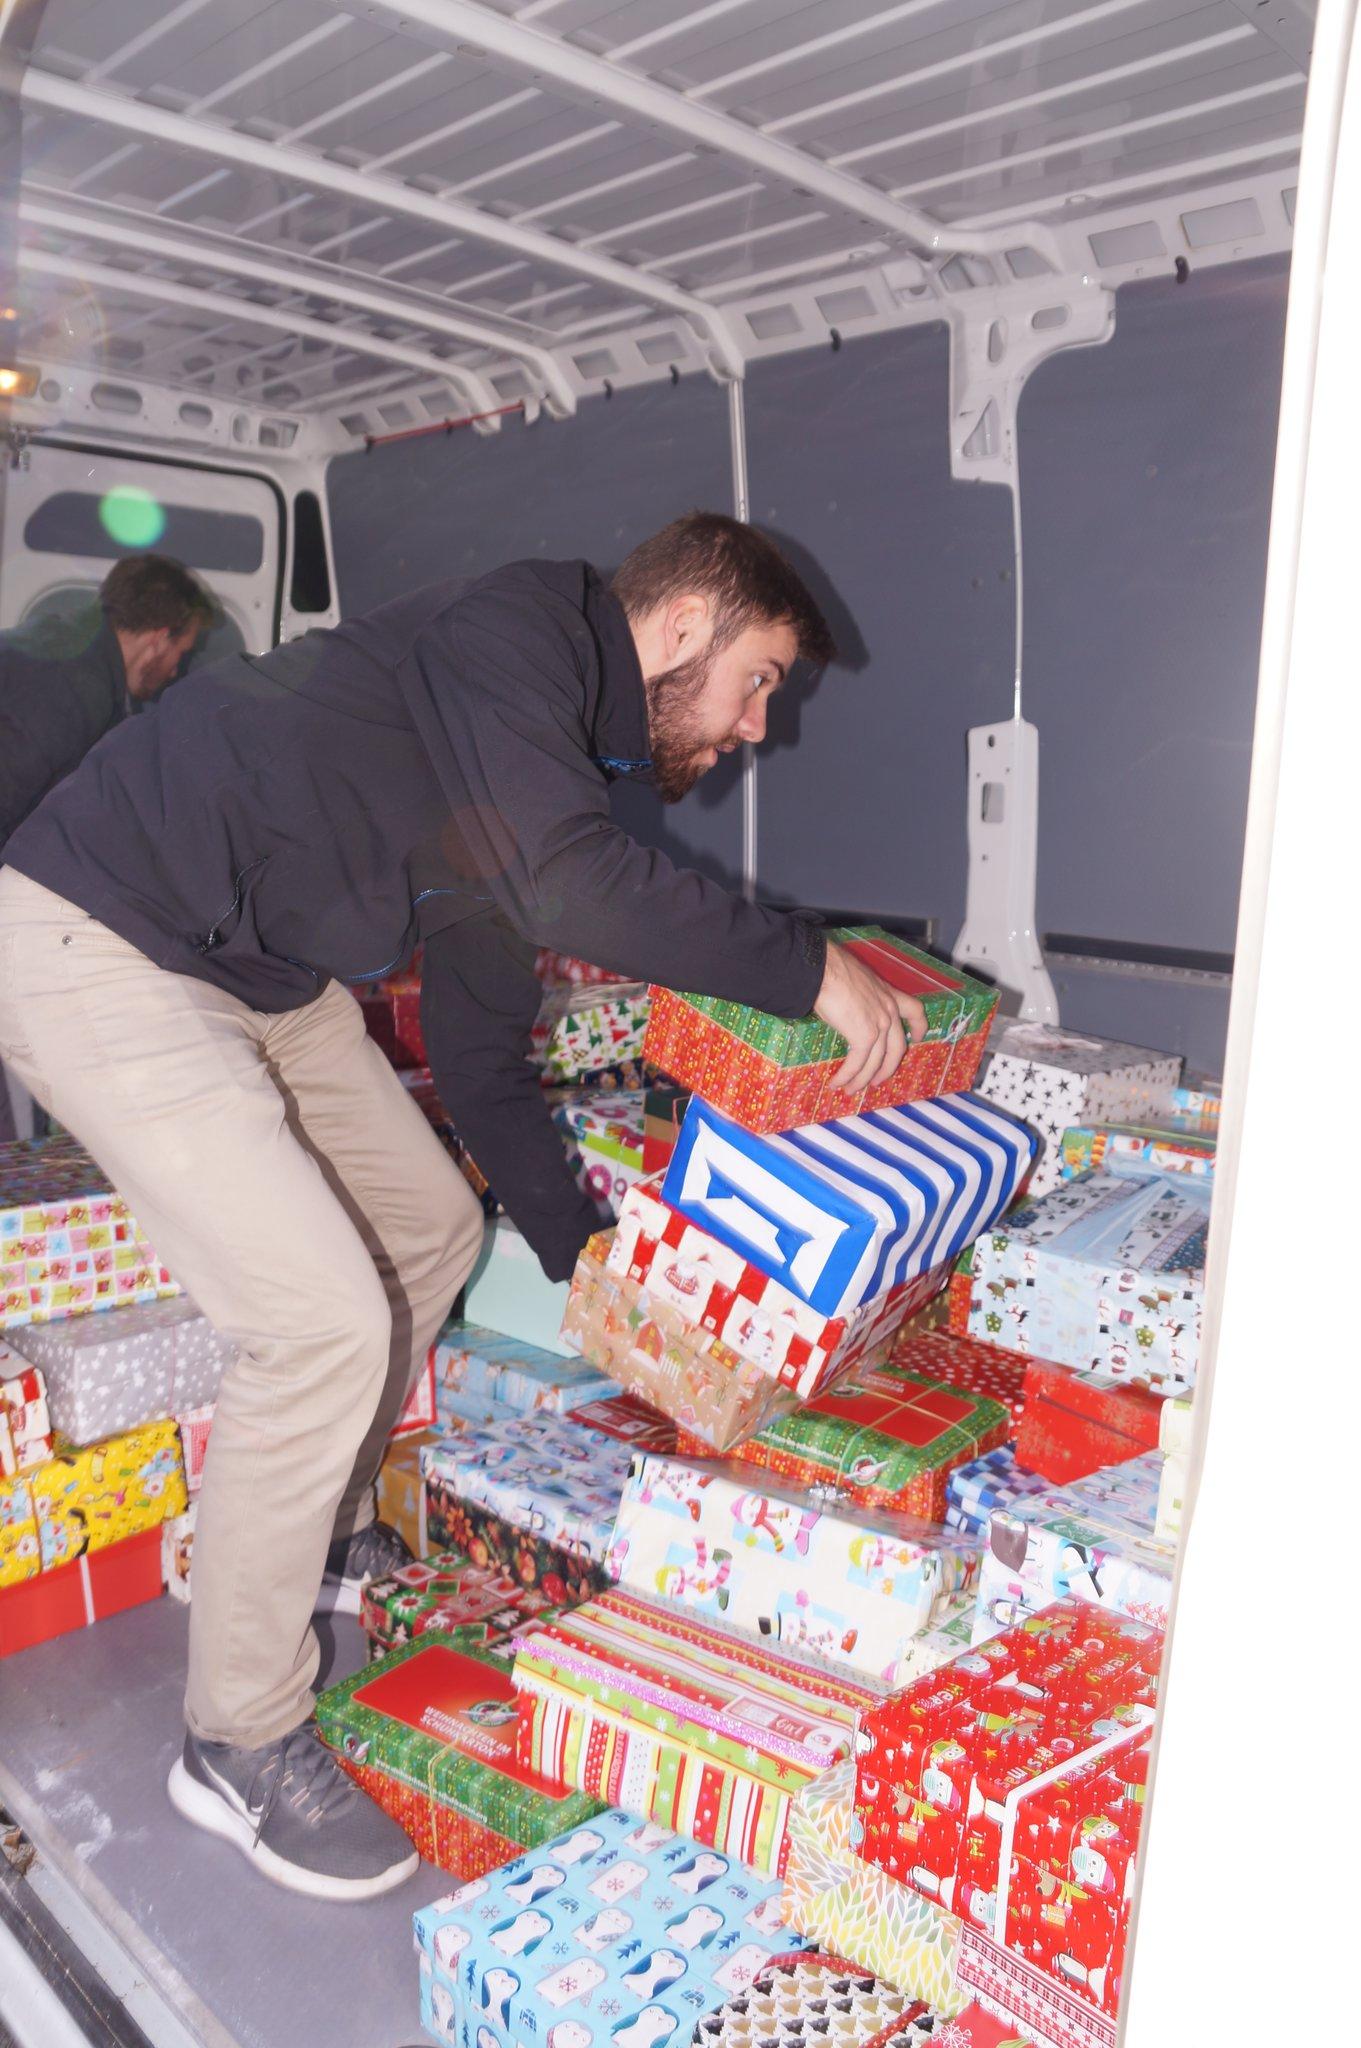 Weihnachtszauber 2018: Weihnachten im Schuhkarton geht auf die Reise ...